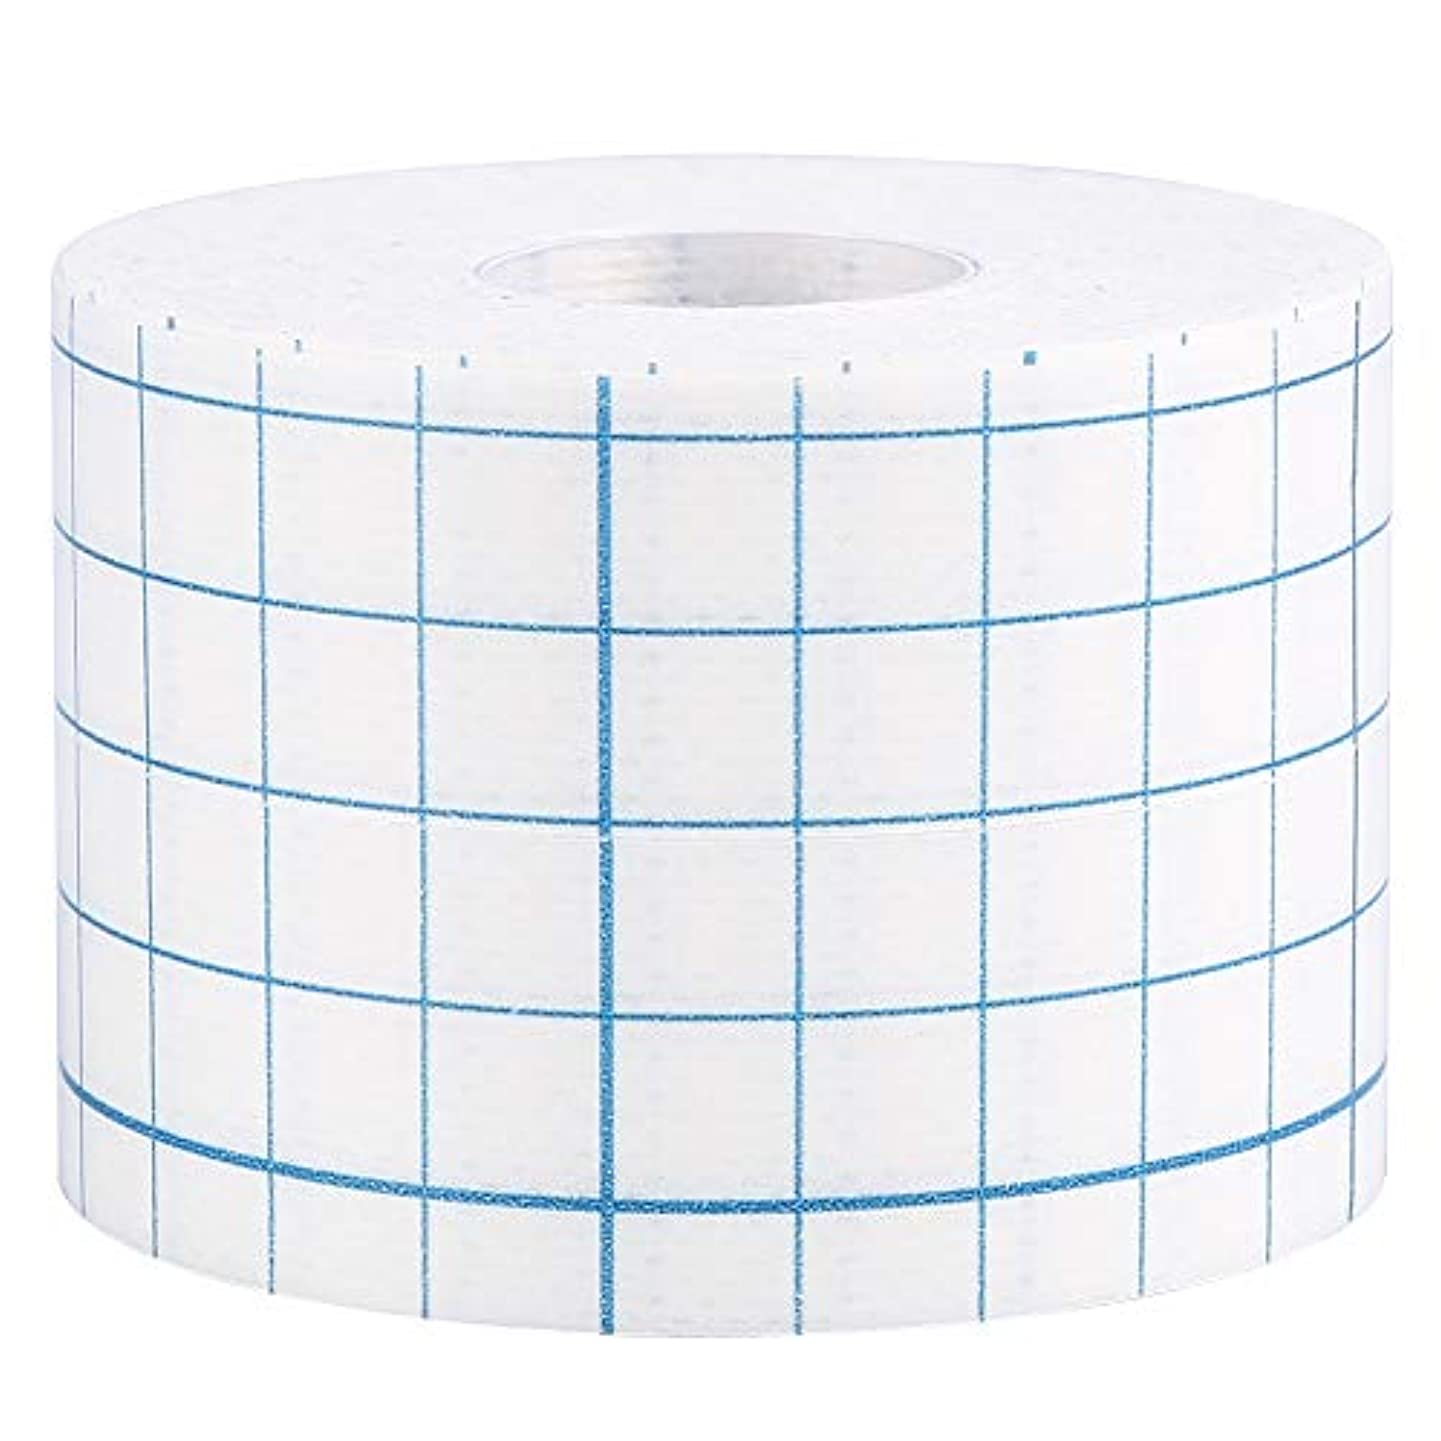 アジアブロック目に見える3サイズ1ロールプロフェッショナル不織布接着創傷ドレッシング医療用固定テープ包帯(5cm x 10m)